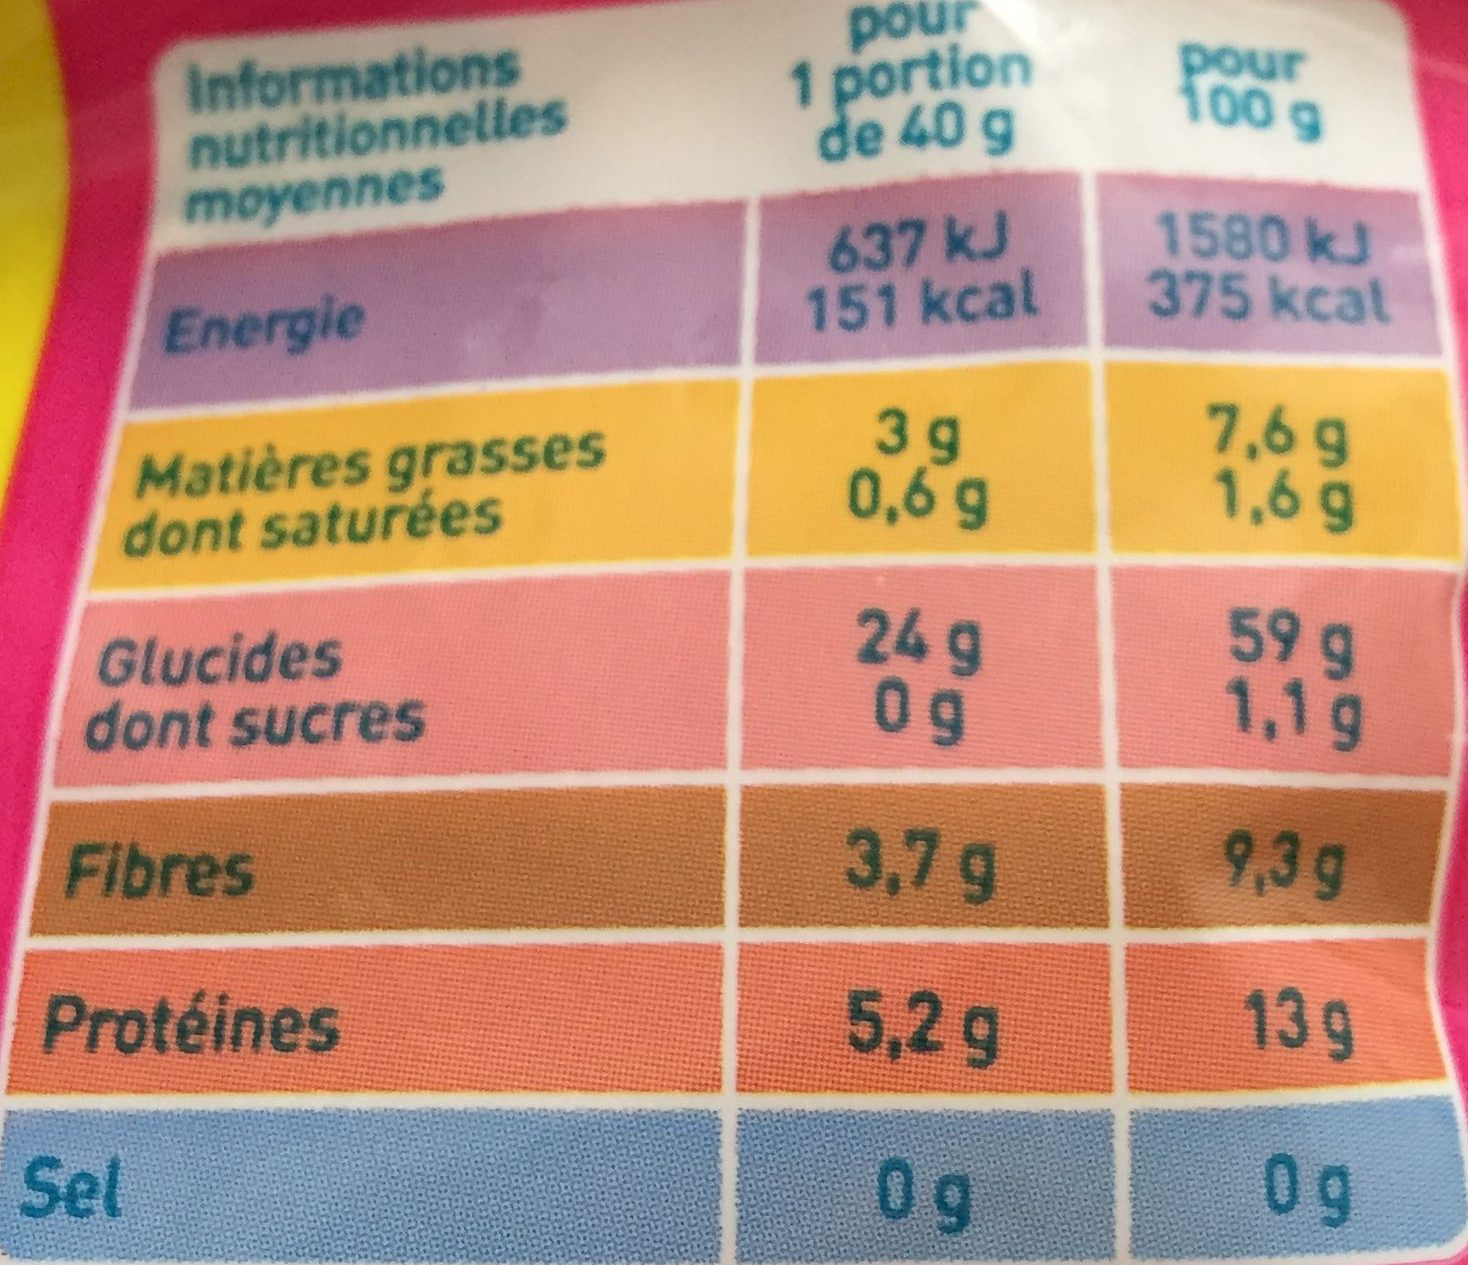 Flocon avoine bio monoprix - Valori nutrizionali - fr